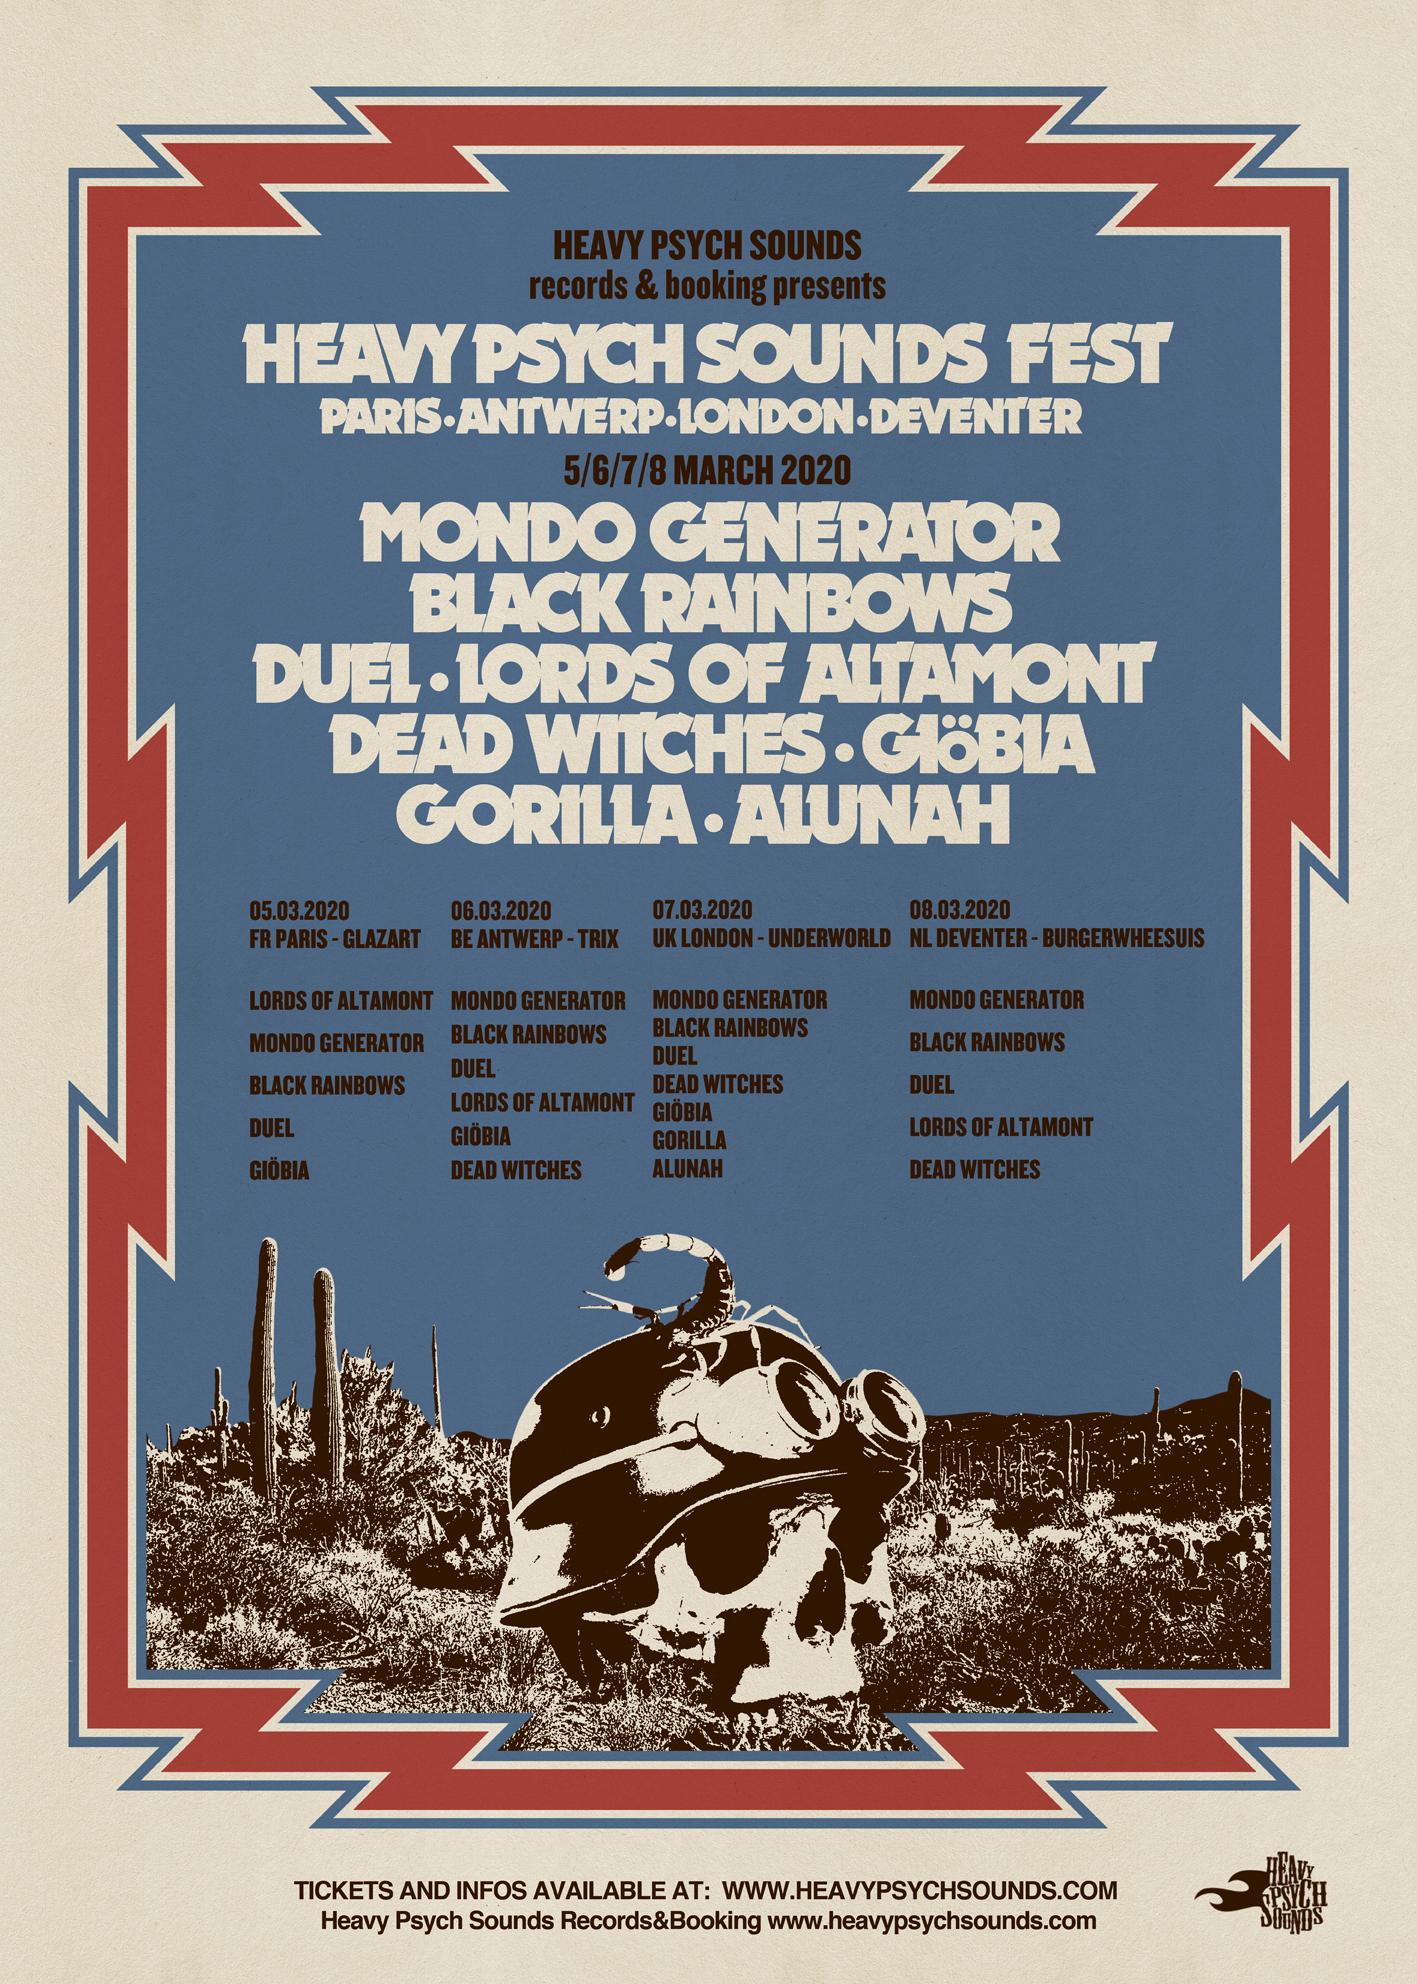 heavy psych sounds fest 2020